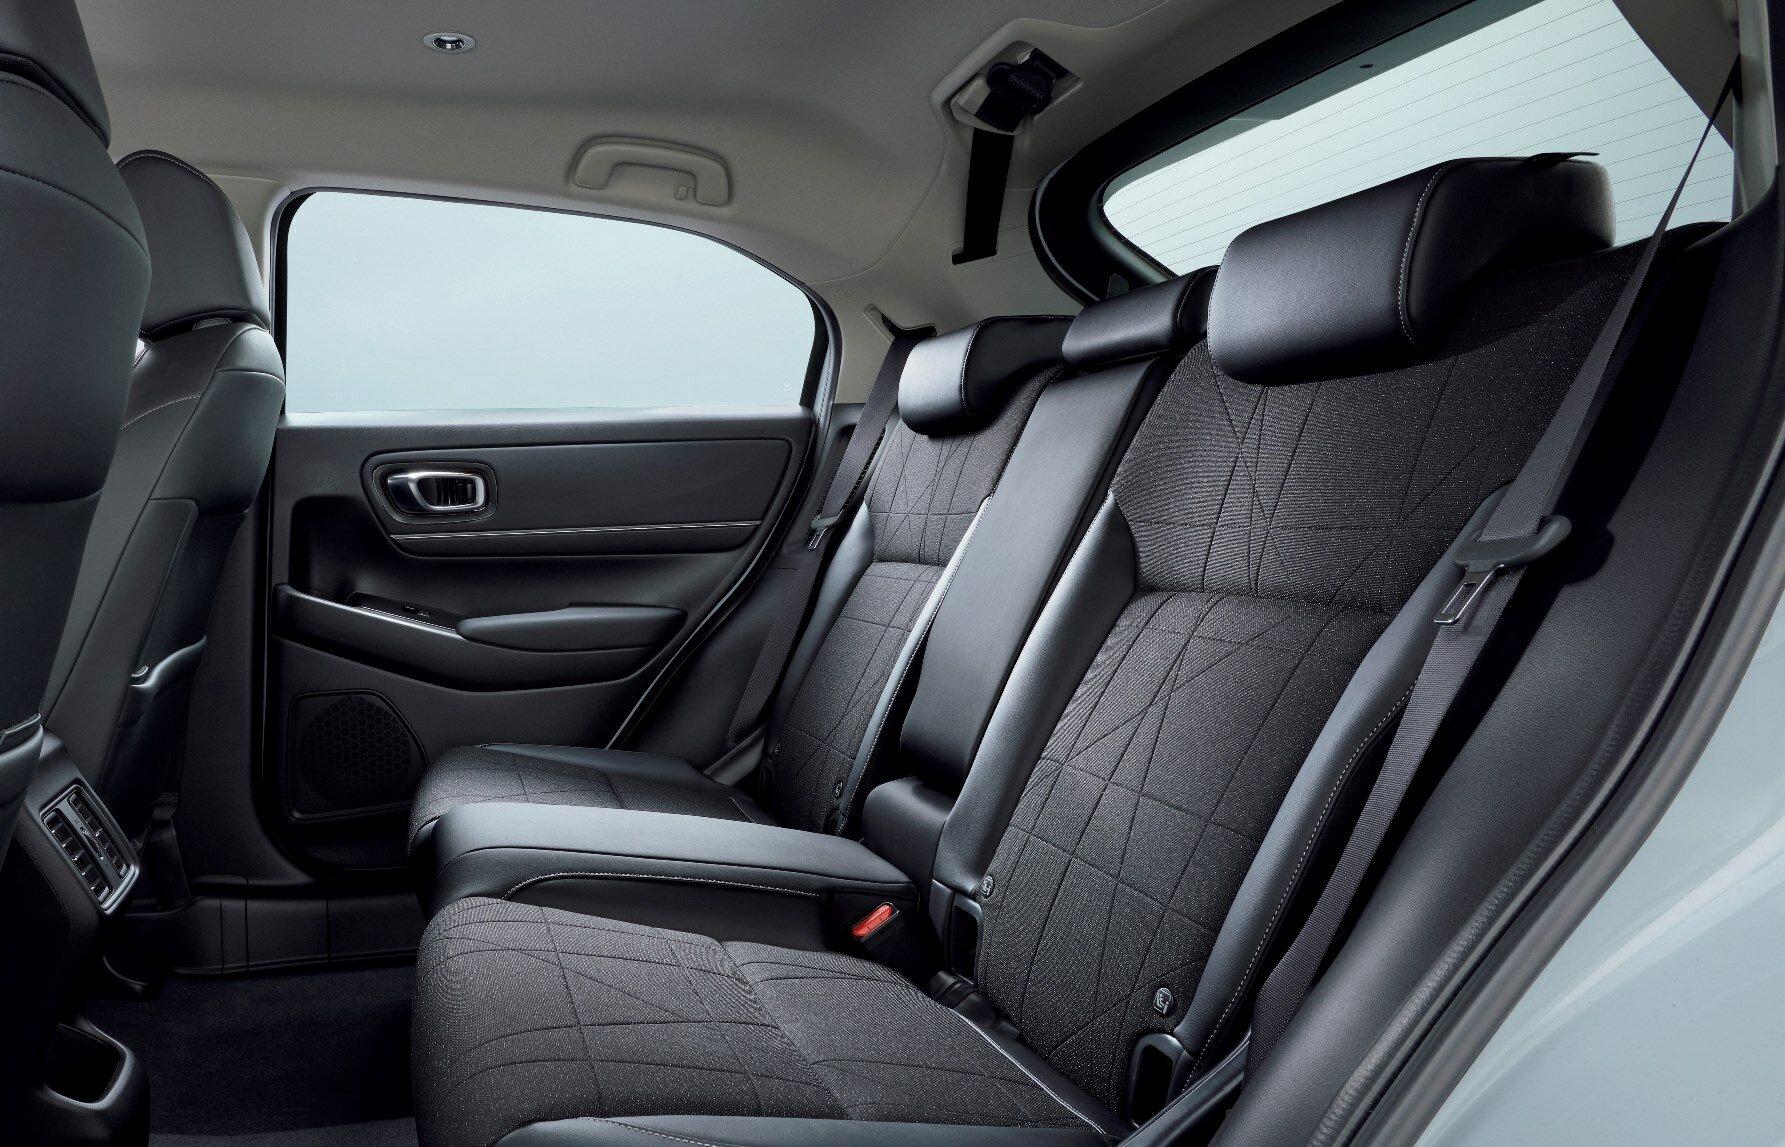 Honda ukázala nové HR-V, slibuje moderní tkaniny a materiály příjemné na dotek